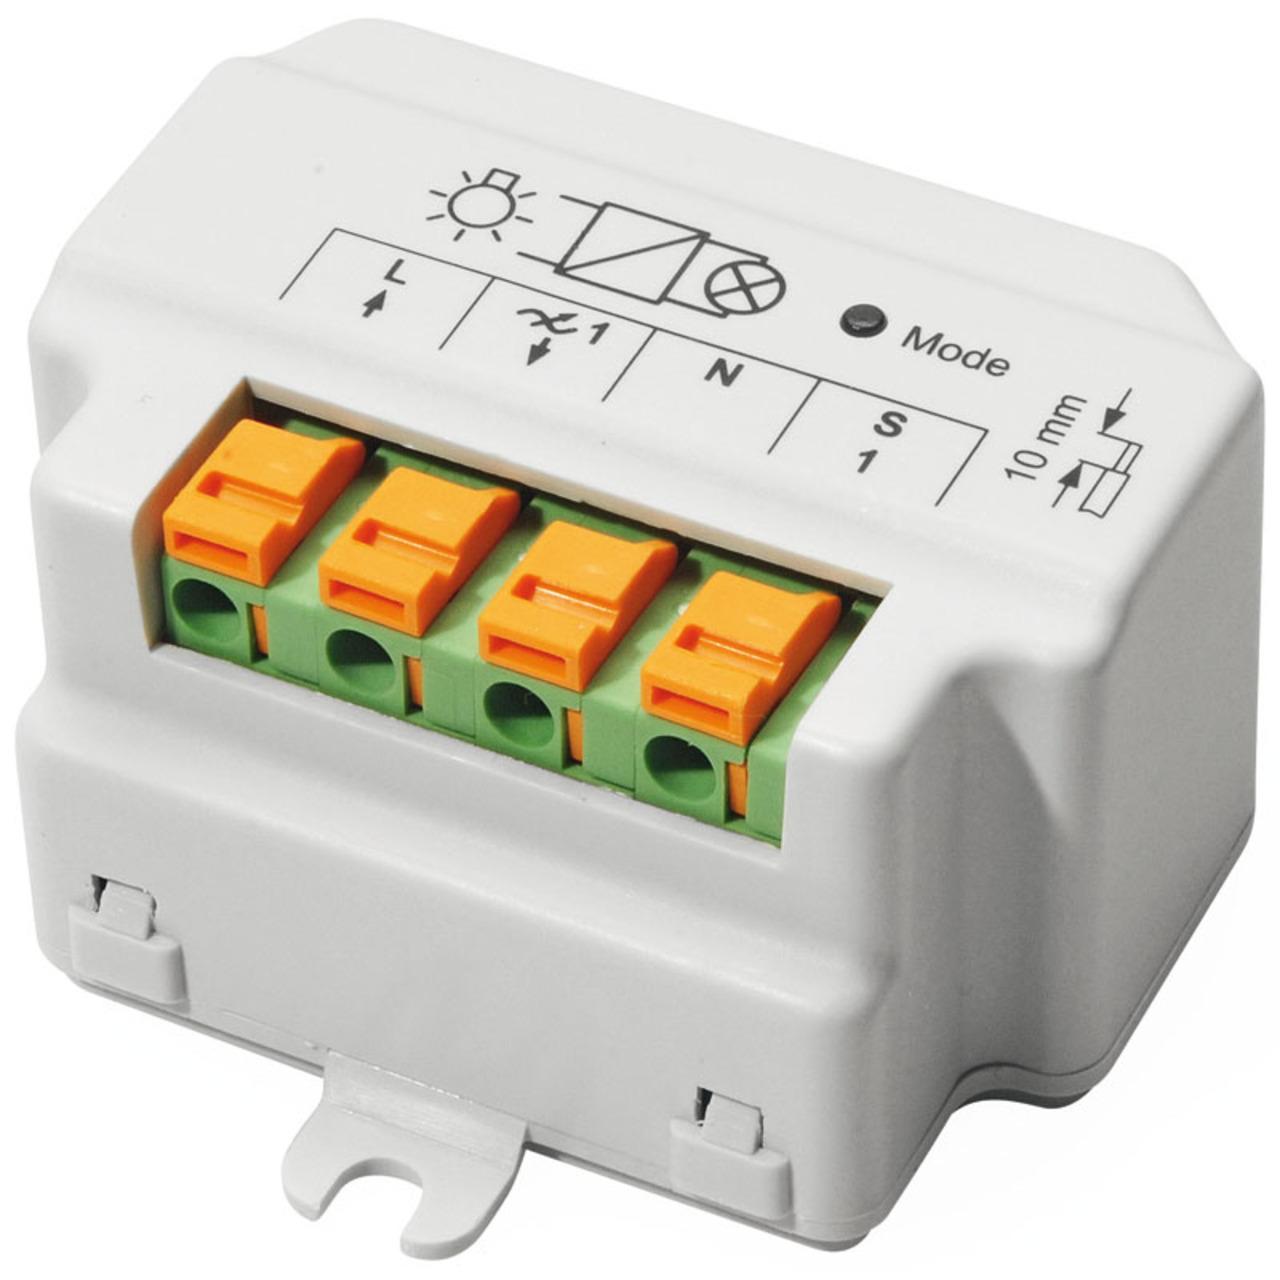 Homematic 1-Kanal-Unterputzdimmer- Phasenabschnitt HM-LC-Dim1T-FM für Smart Home / Hausautomation